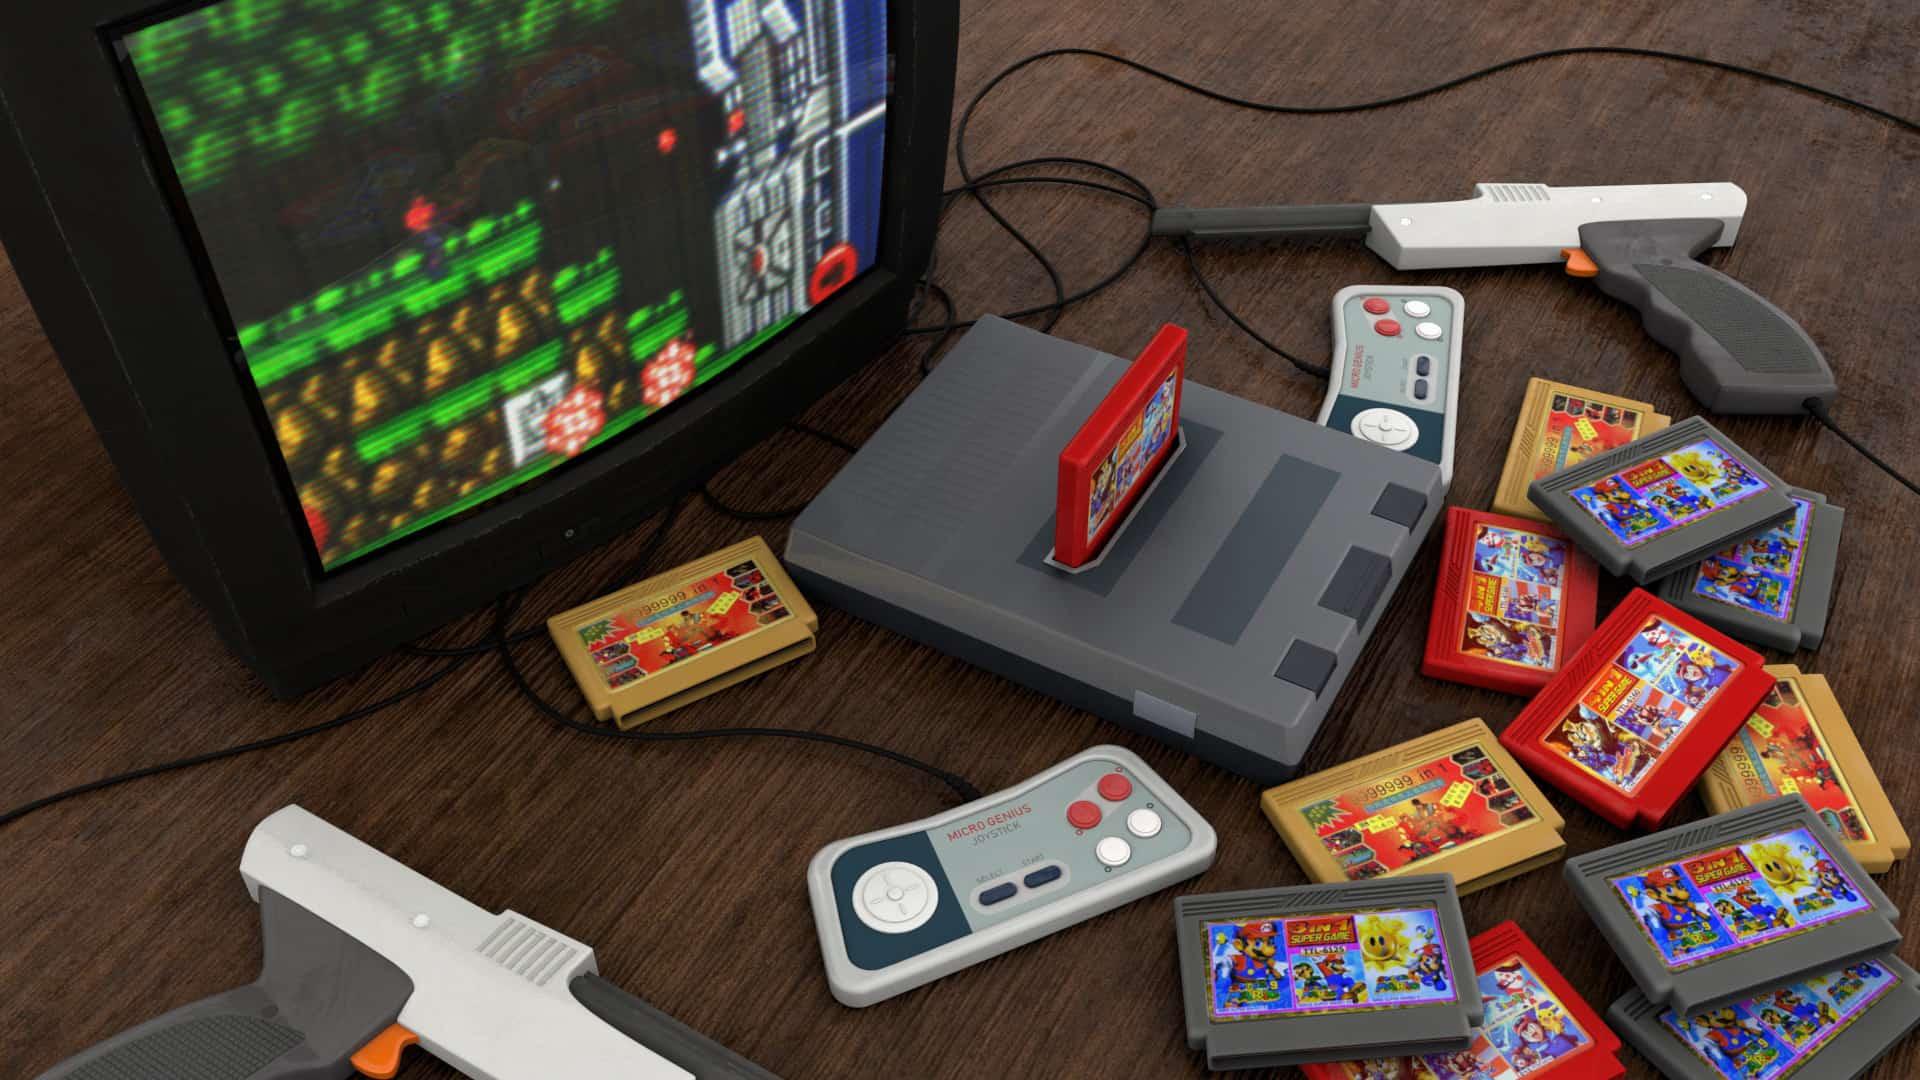 La storia dei videogiochi: qual è stato il primo videogames?